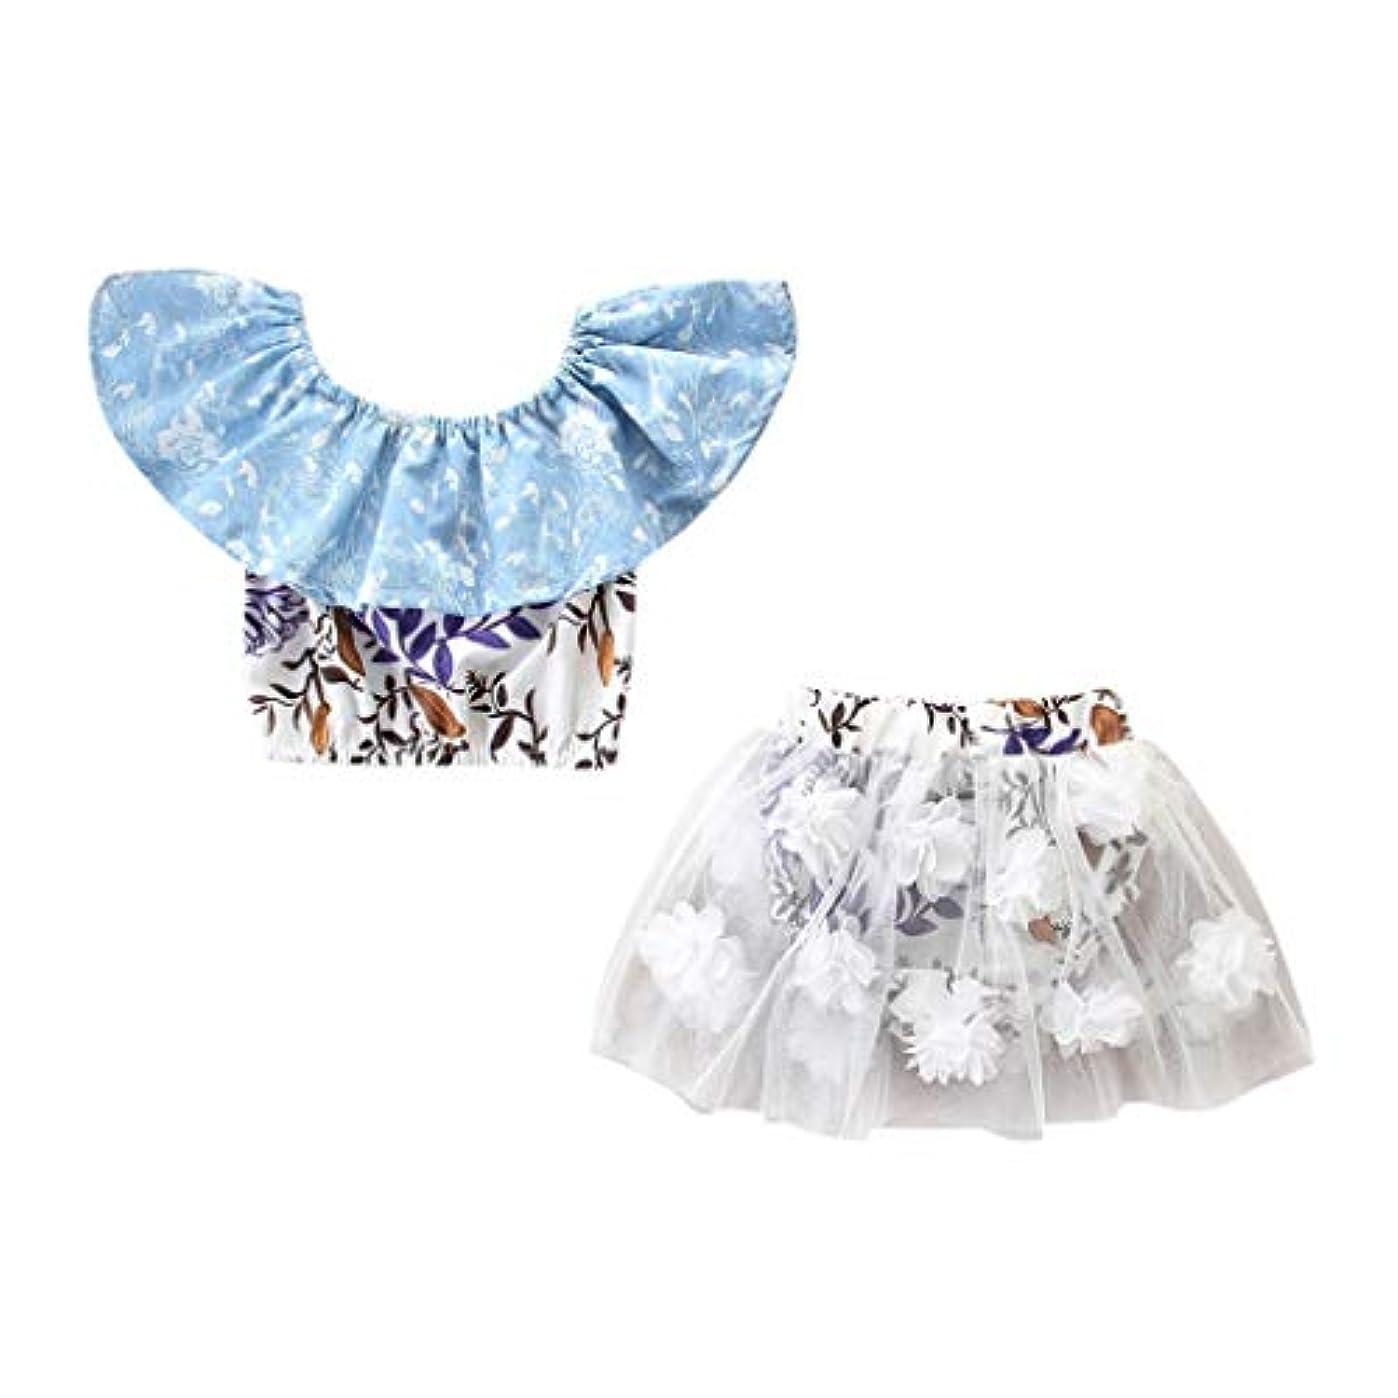 パラシュート海賊マトンキッズ服 ドレスJopinica 6ヶ月~3歳 夏ボートネックプリントTシャツ? 3Dフラワーメッシュズボンツーピーススーツ 2点セットガールズ 特別なデザイン 花飾り ファッション女の子